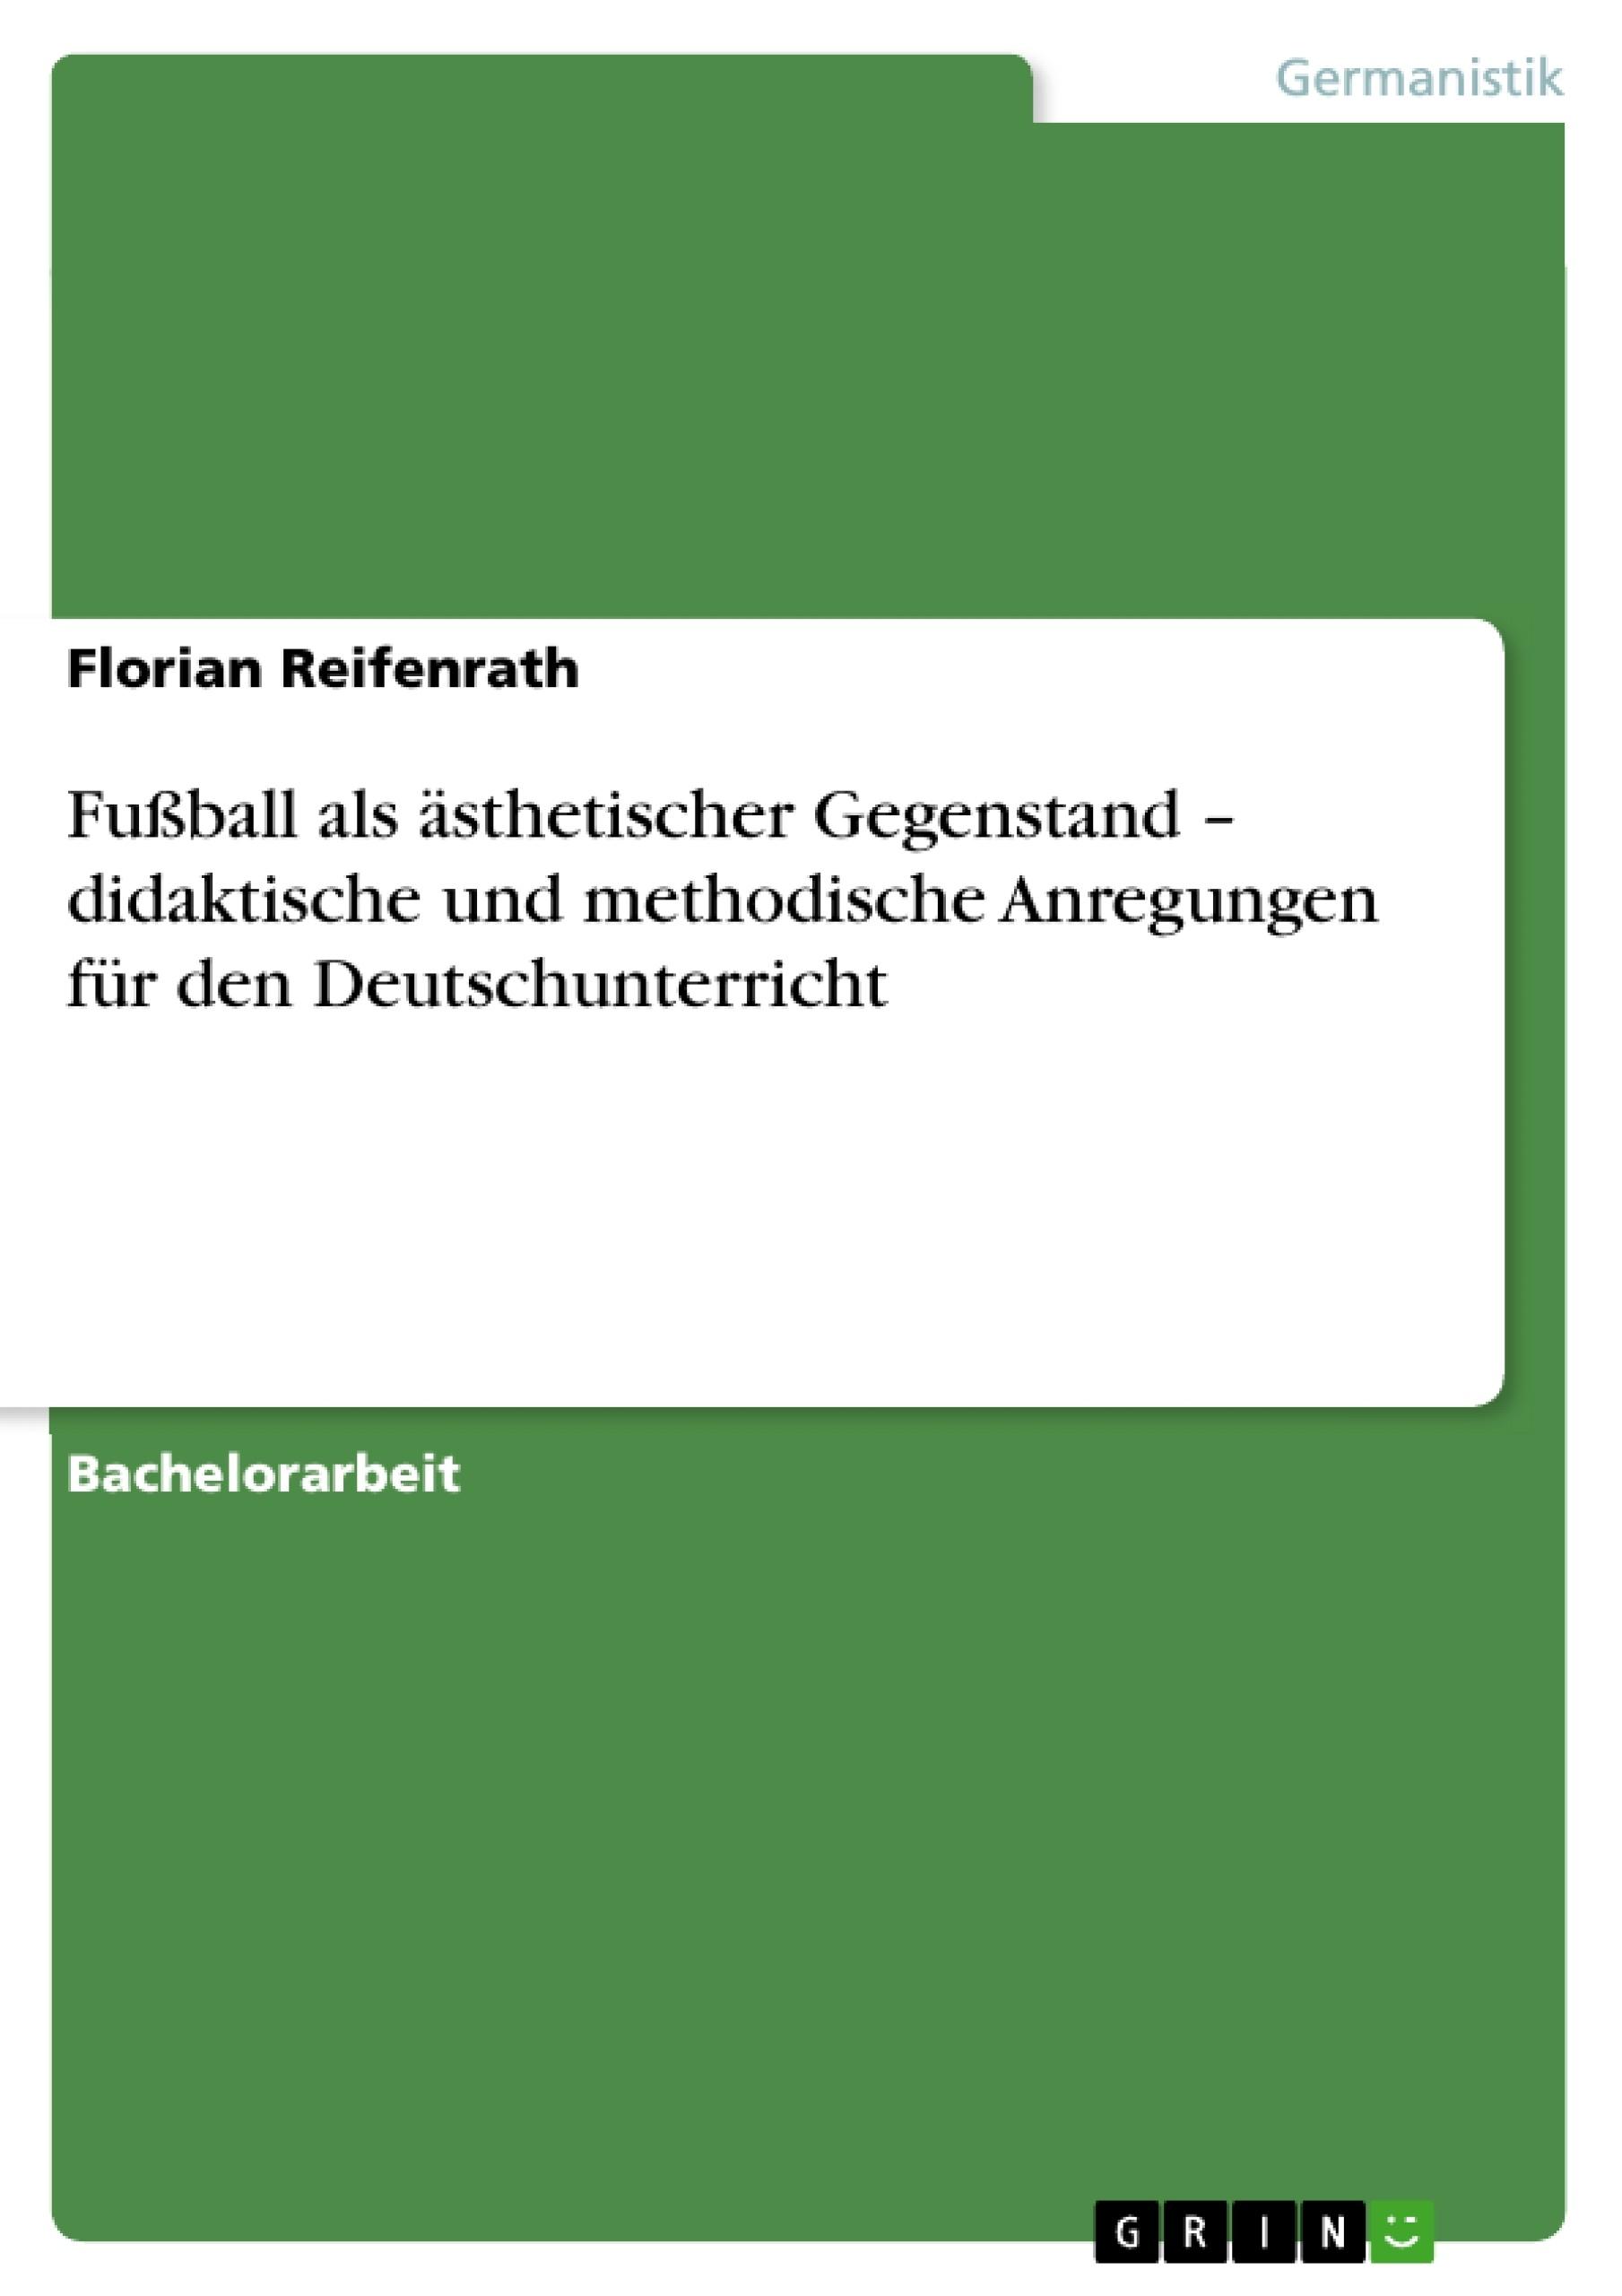 Titel: Fußball als ästhetischer Gegenstand – didaktische und methodische Anregungen für den Deutschunterricht